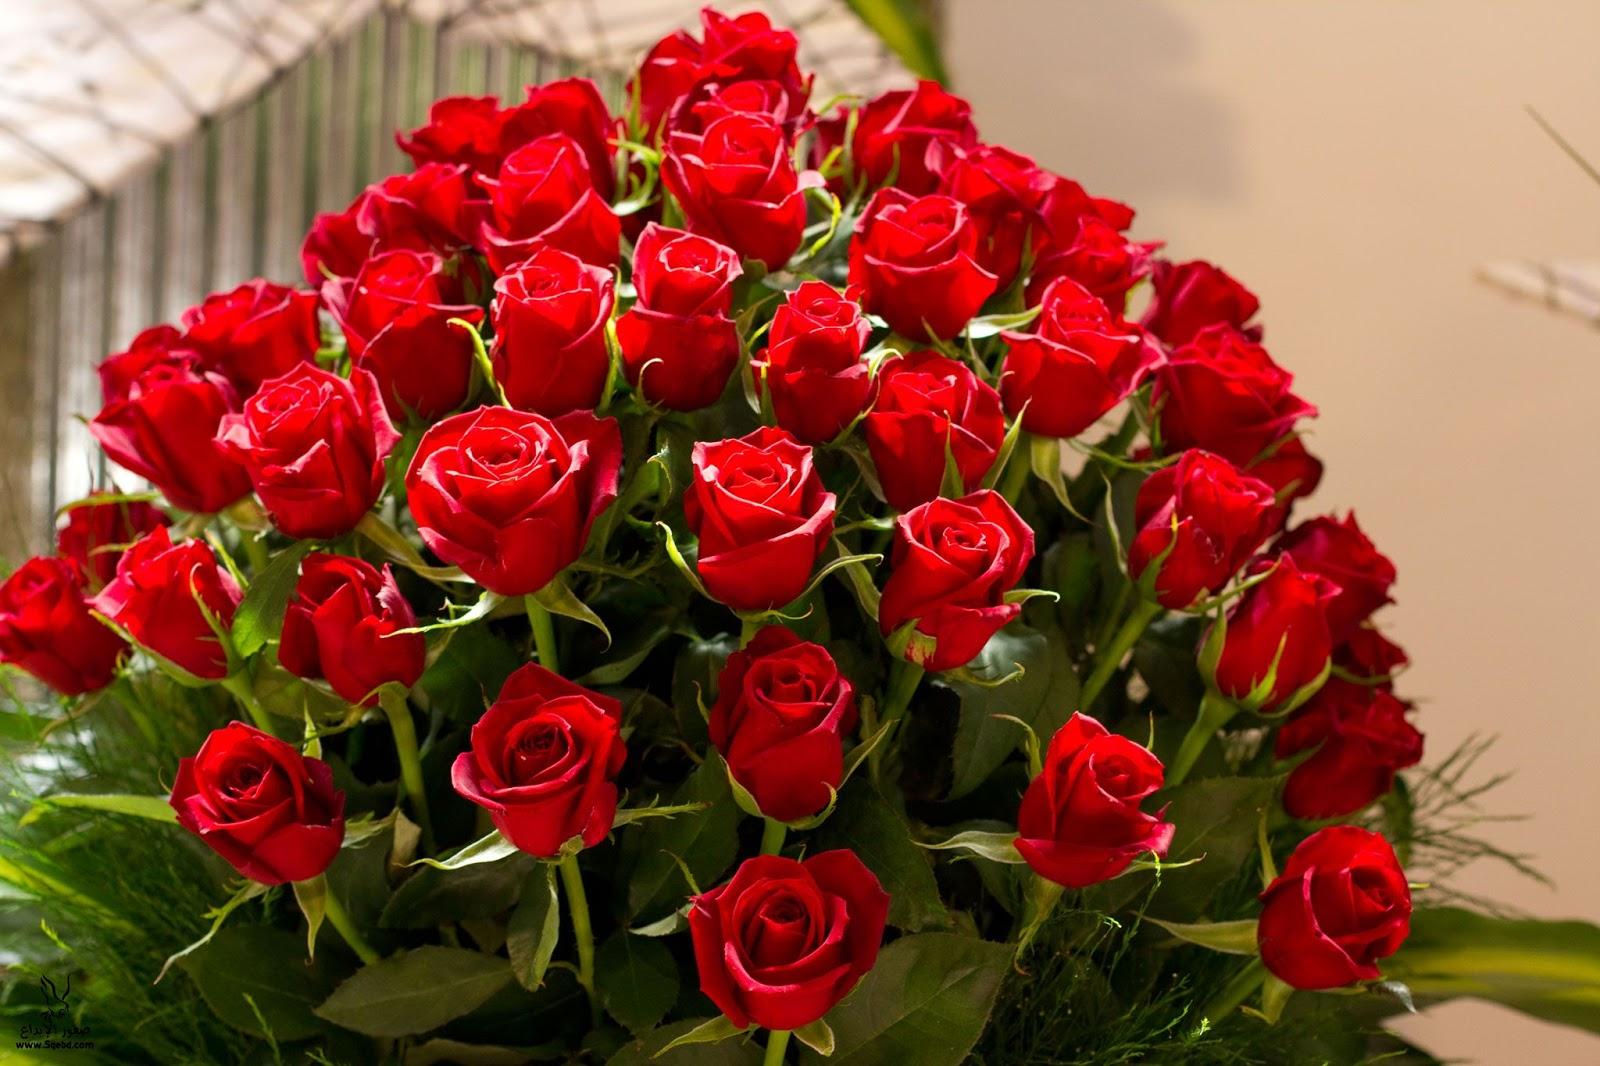 صور صور الورد , جمال الورد واشكاله